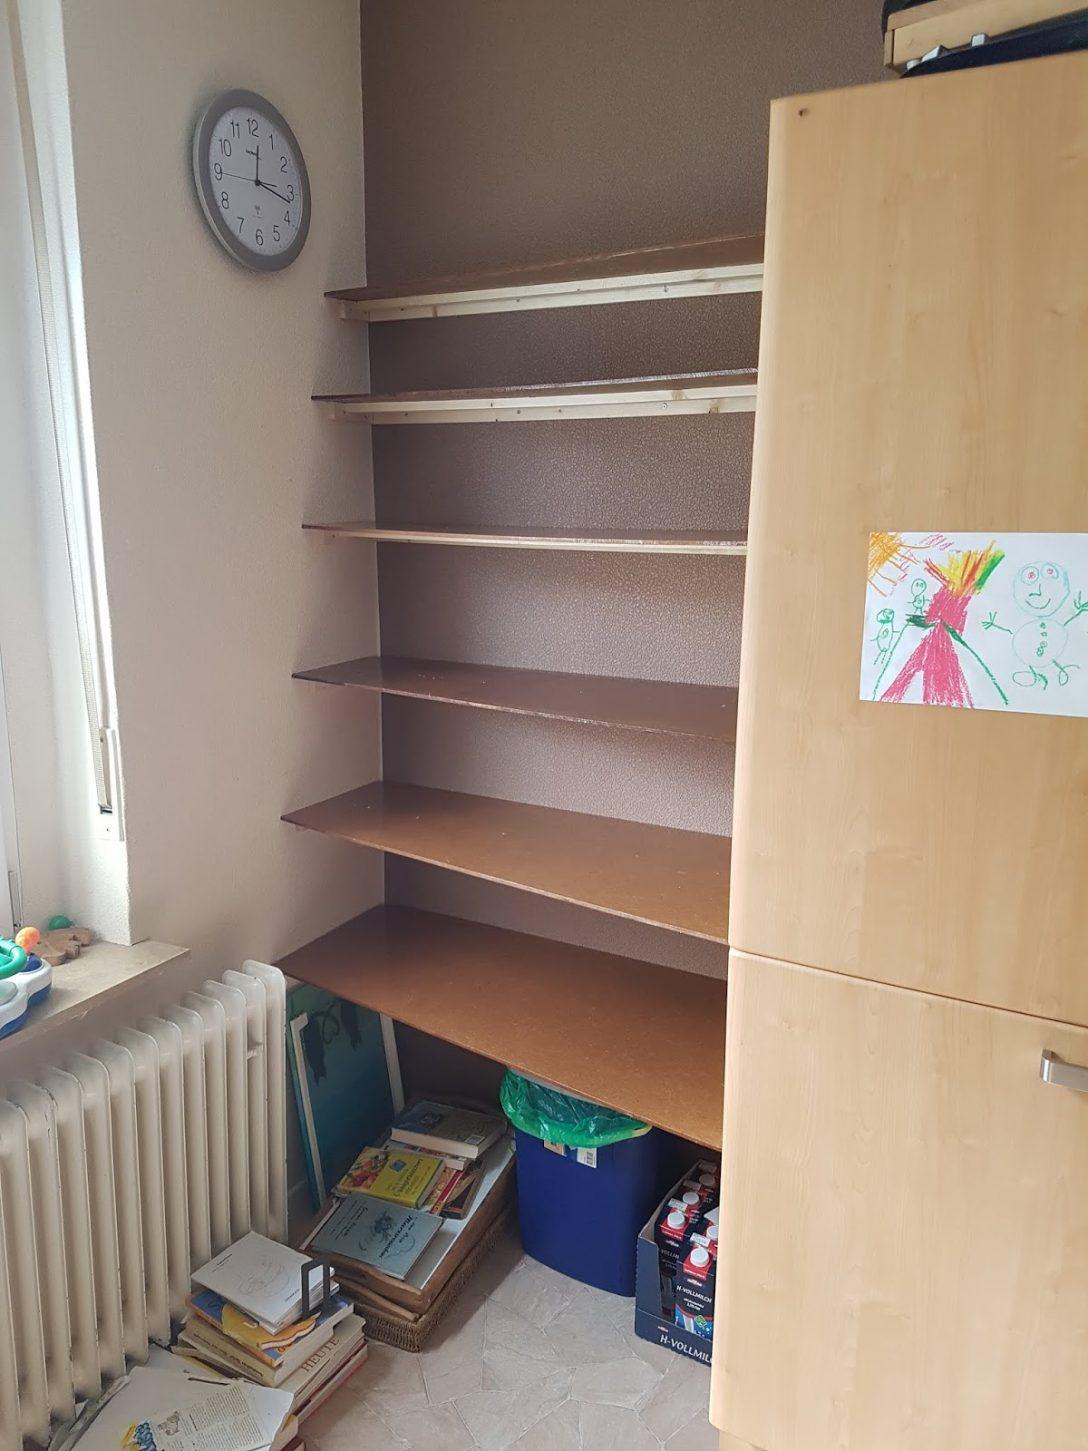 Large Size of Küchenregal Ikea Küche Kosten Kaufen Betten 160x200 Modulküche Sofa Mit Schlaffunktion Miniküche Bei Wohnzimmer Küchenregal Ikea